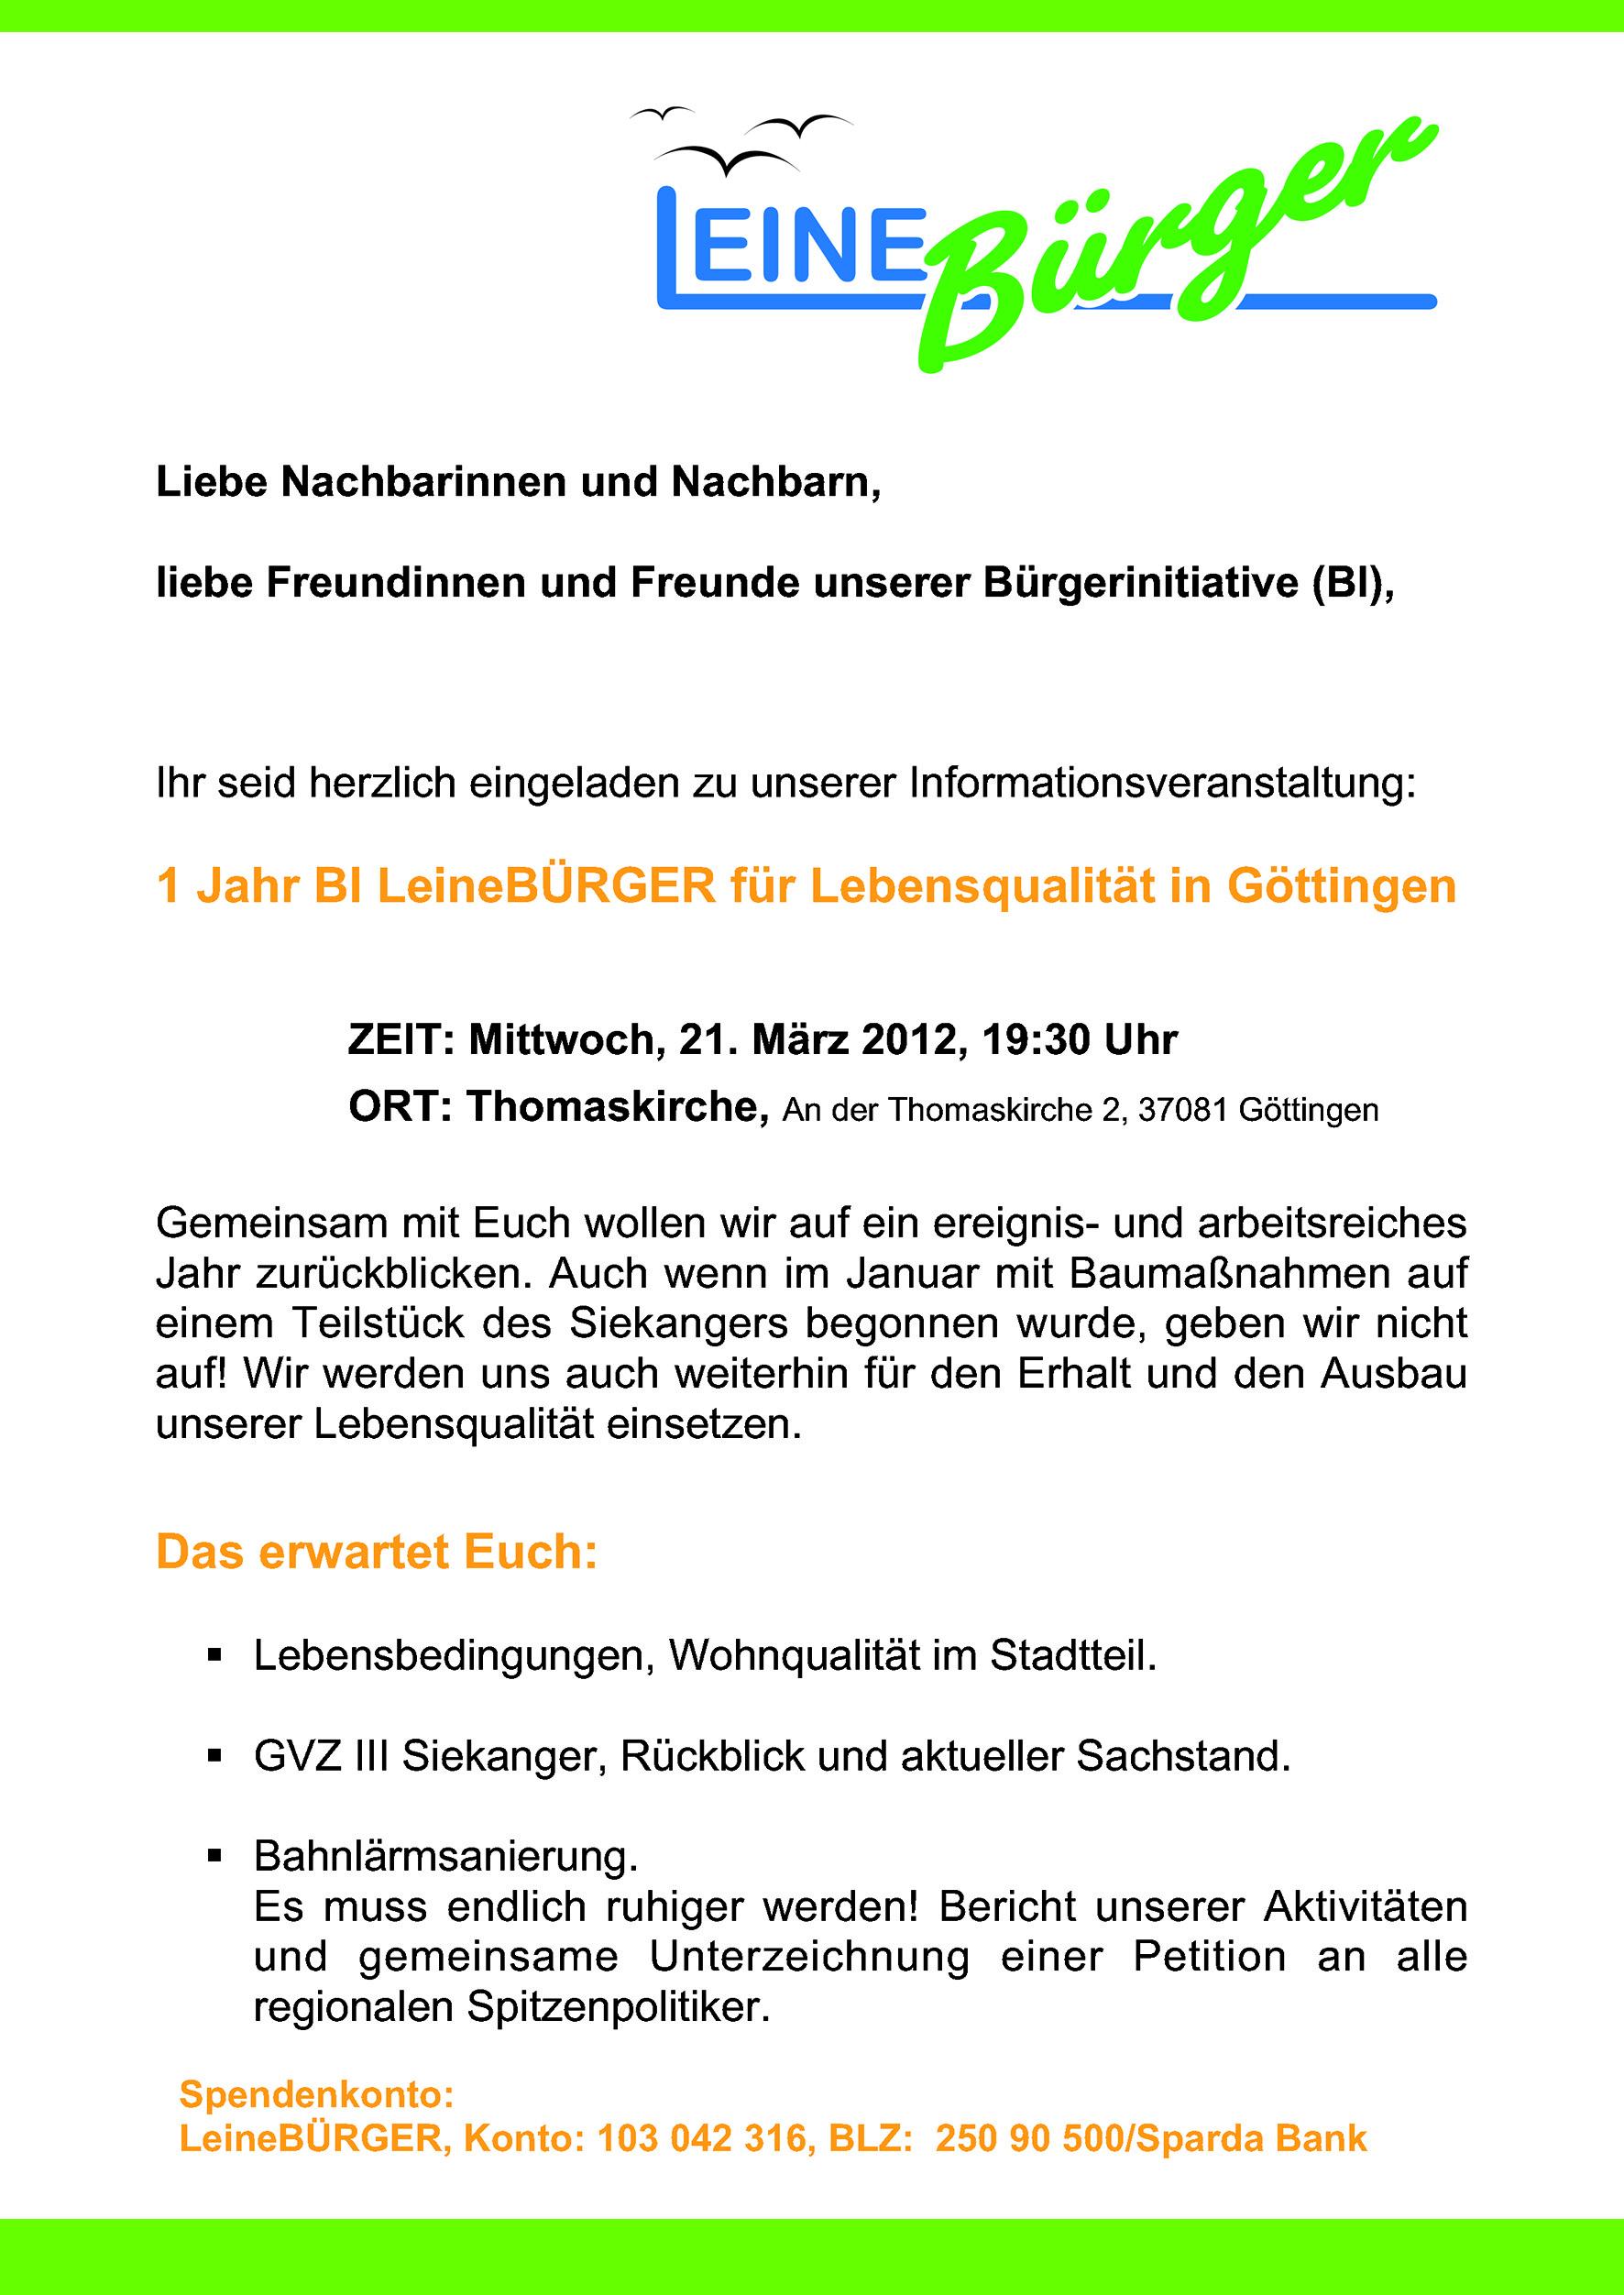 Einladung Zum Einjahrigen Jubilaum Leineburger